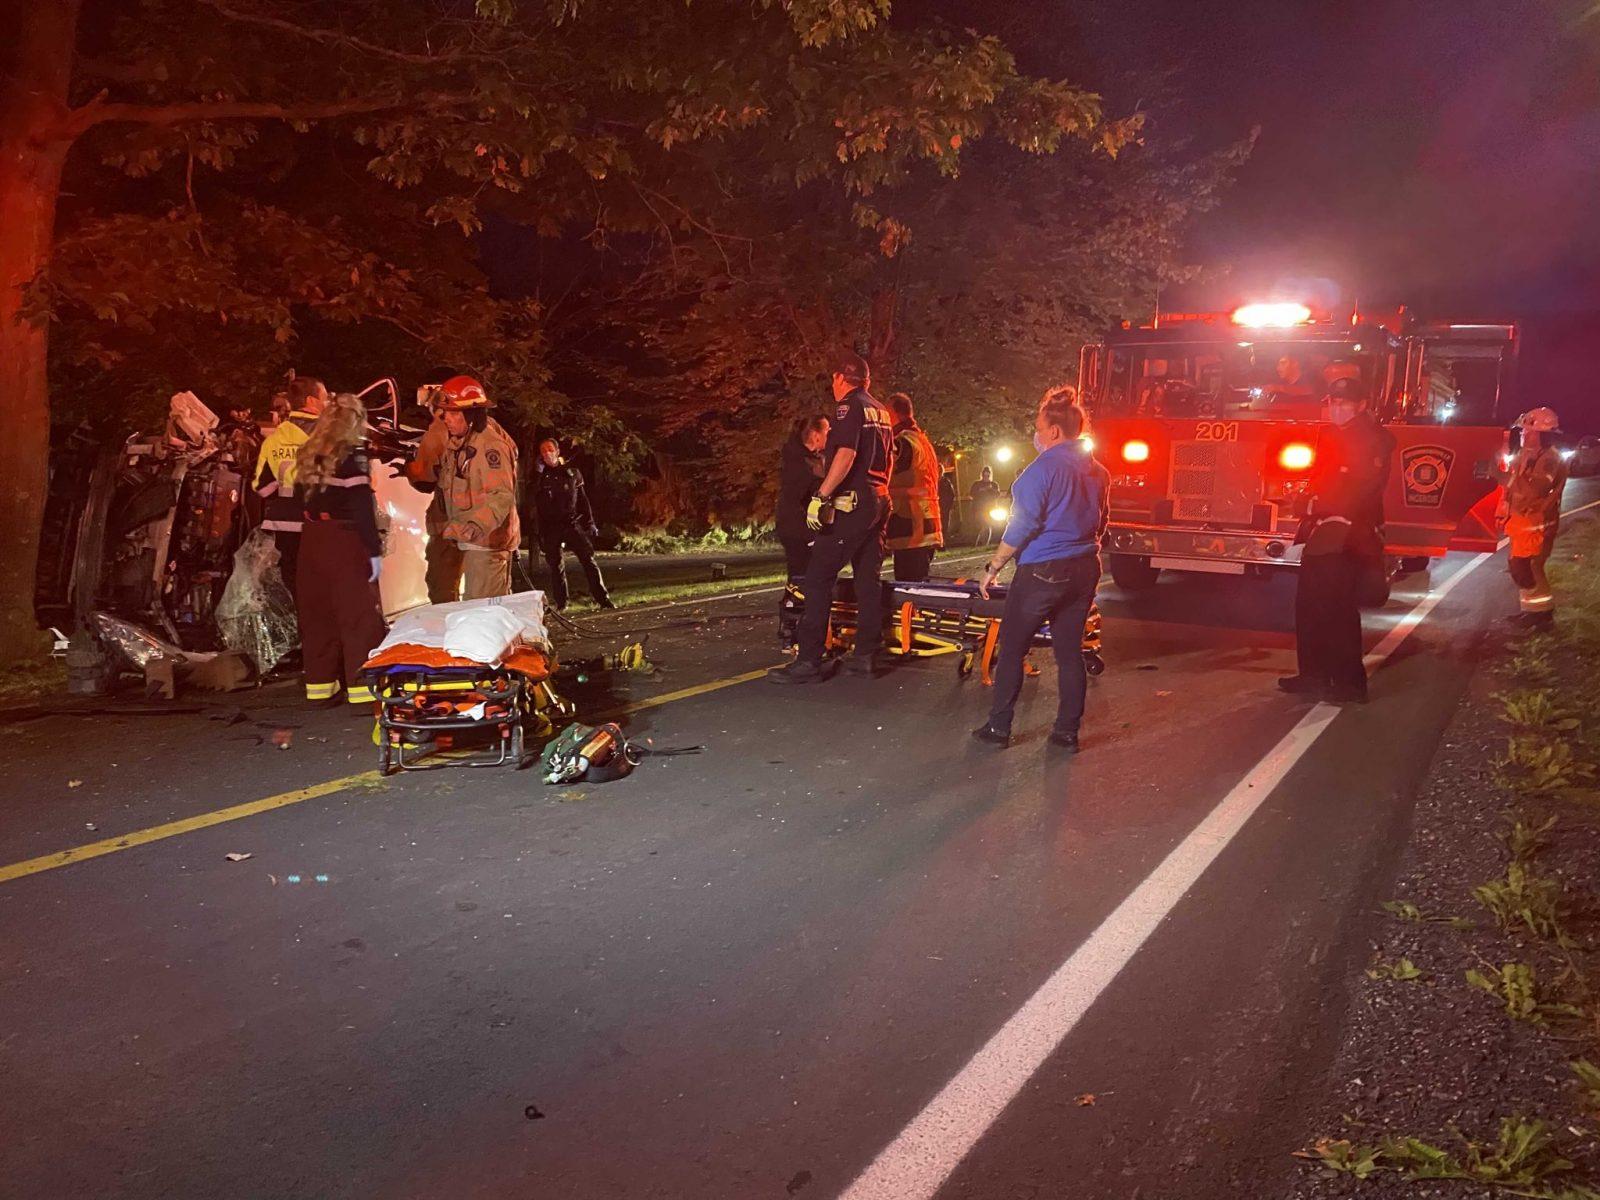 Un violente sortie de route coûte la vie à une femme sur le chemin Hemming